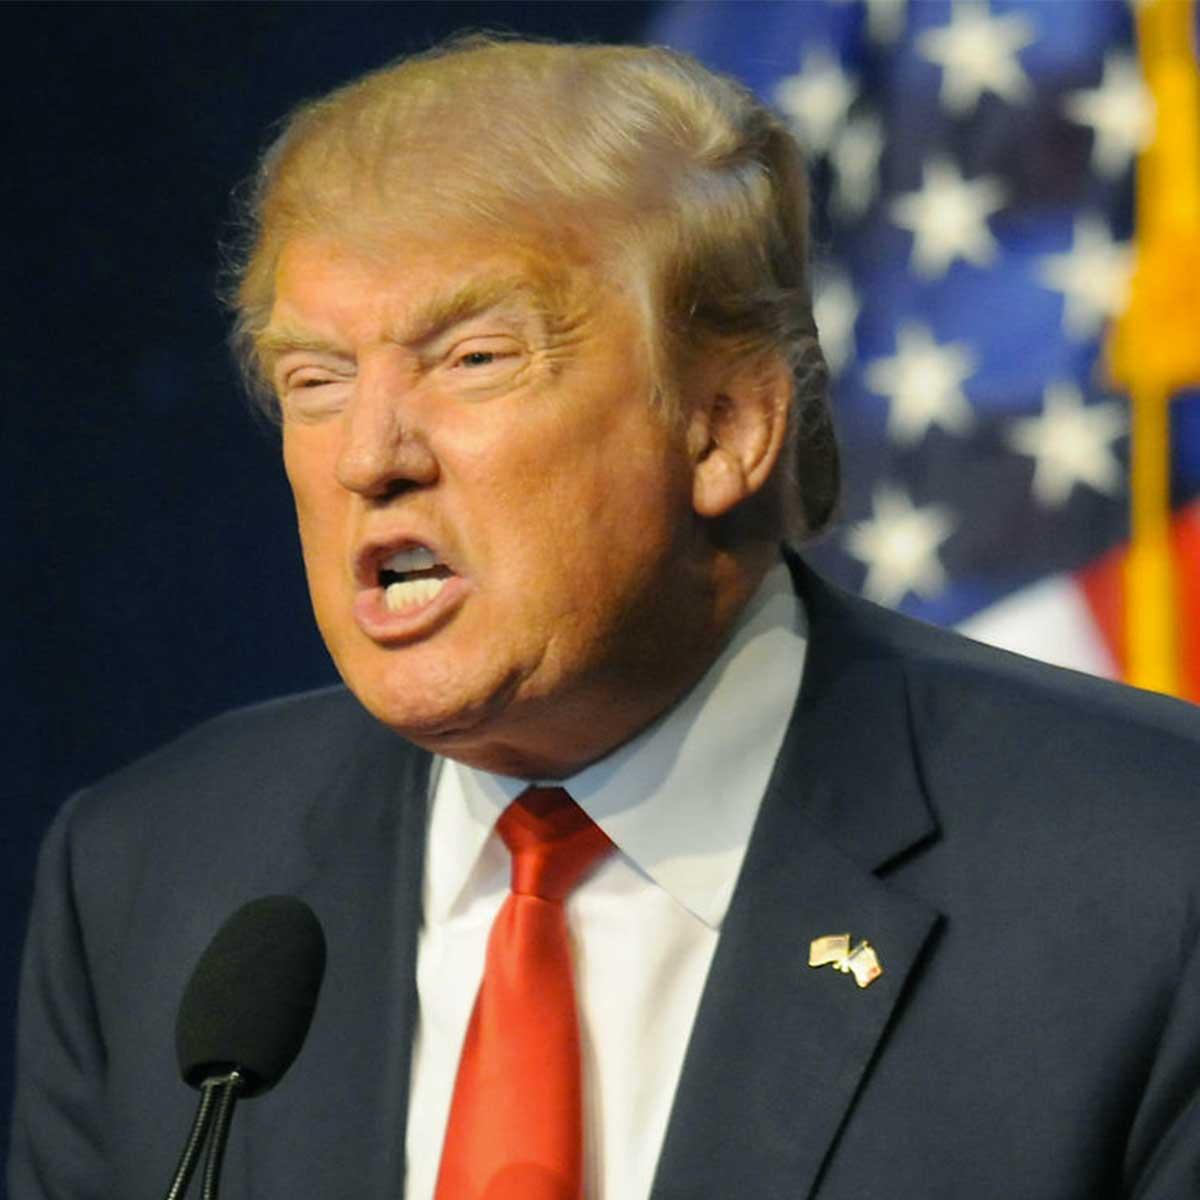 Donald Trump veut s'attaquer au Mariage pour tous